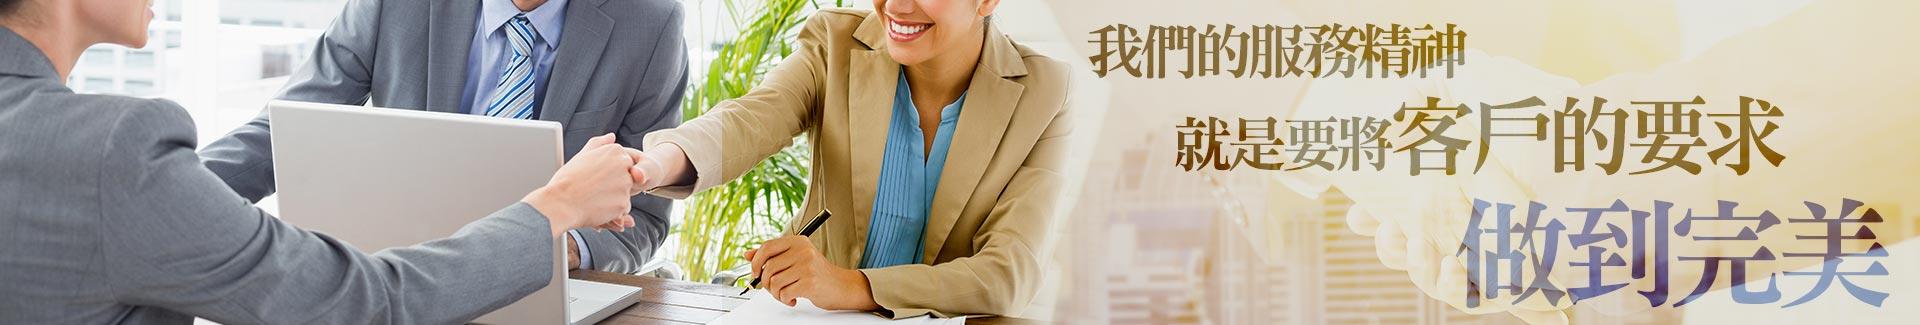 我們的服務精神就是要將客戶的要求做到完美